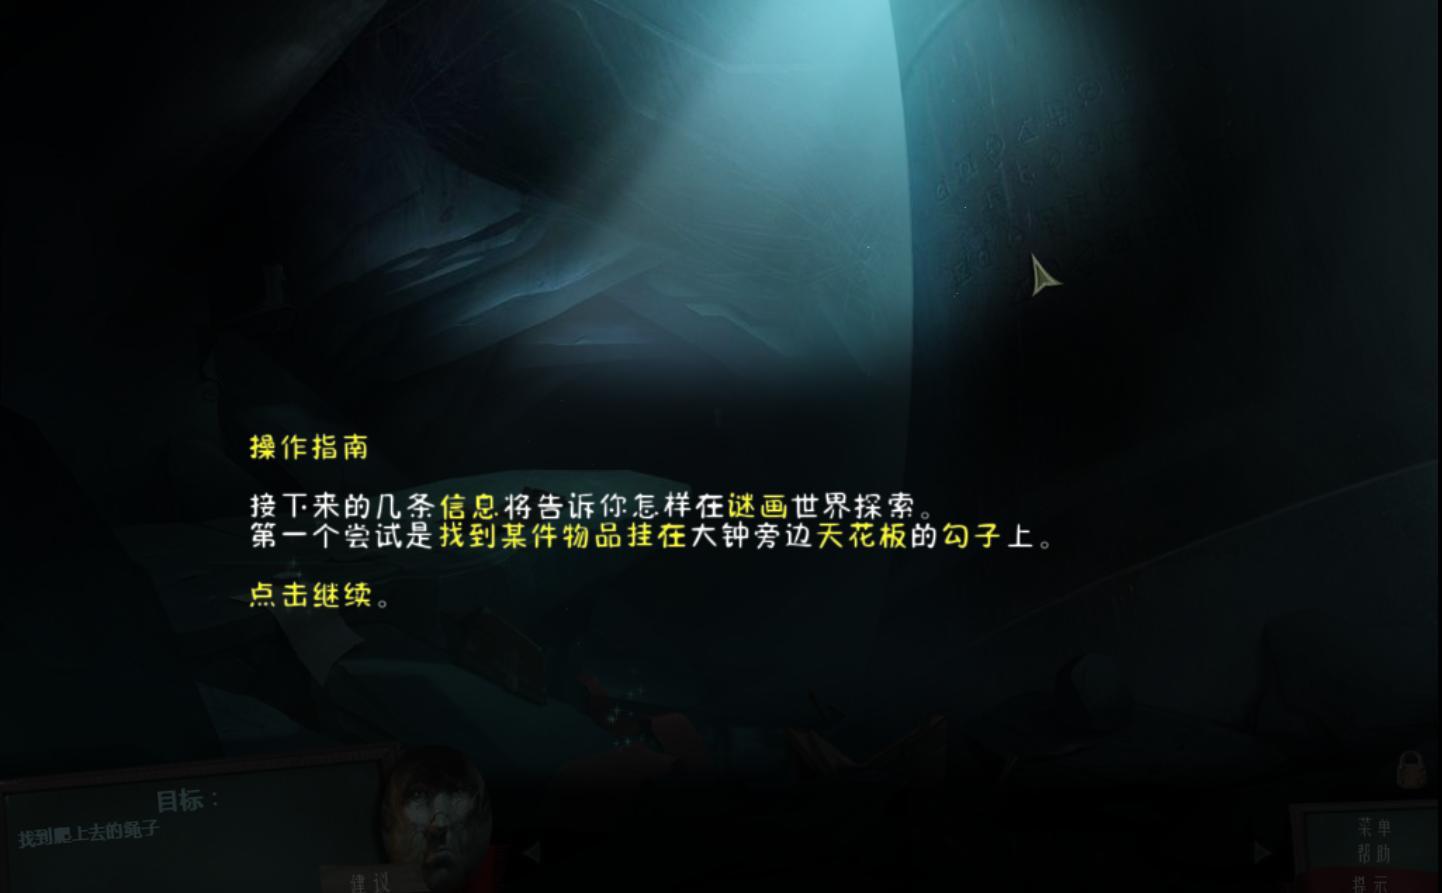 谜画之塔2:暗夜飞行